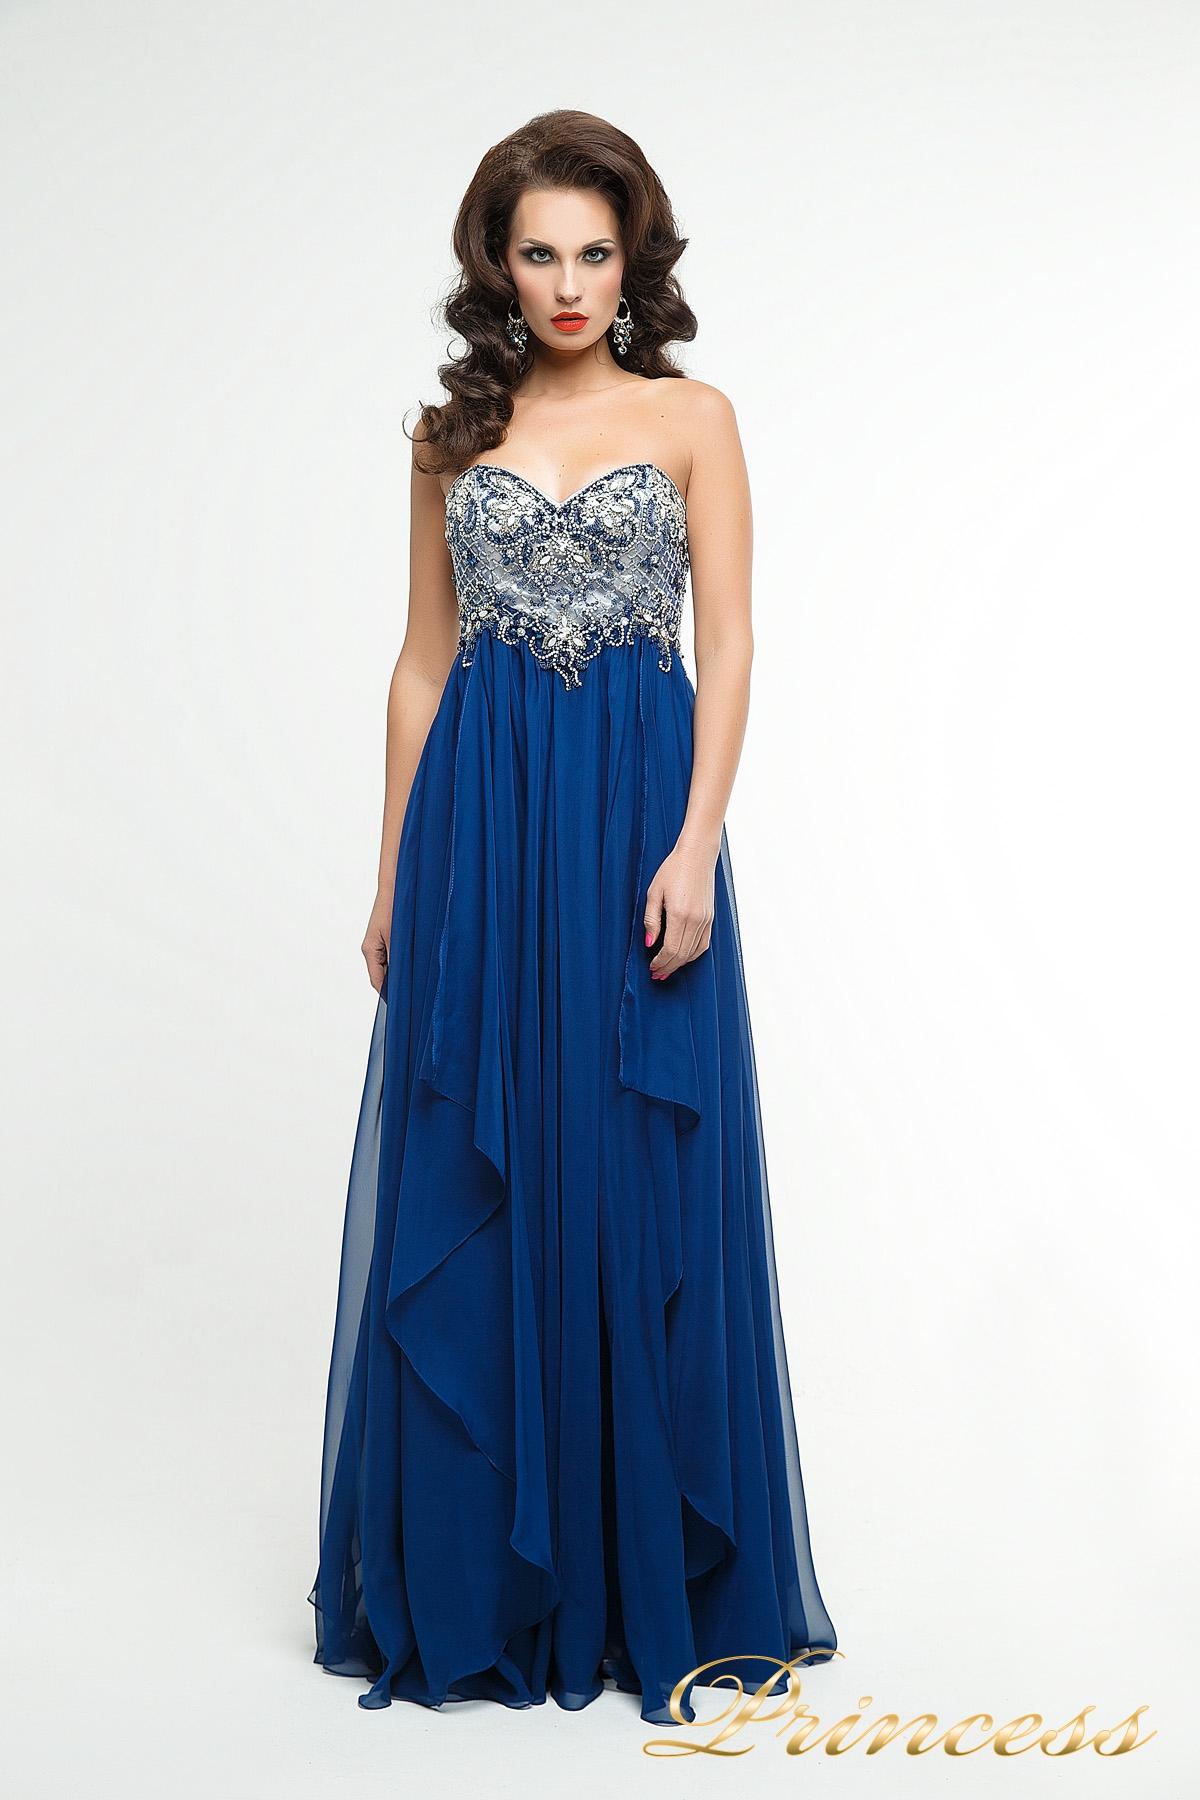 Купить Длинное Вечернее Платье Недорого Интернет Магазин